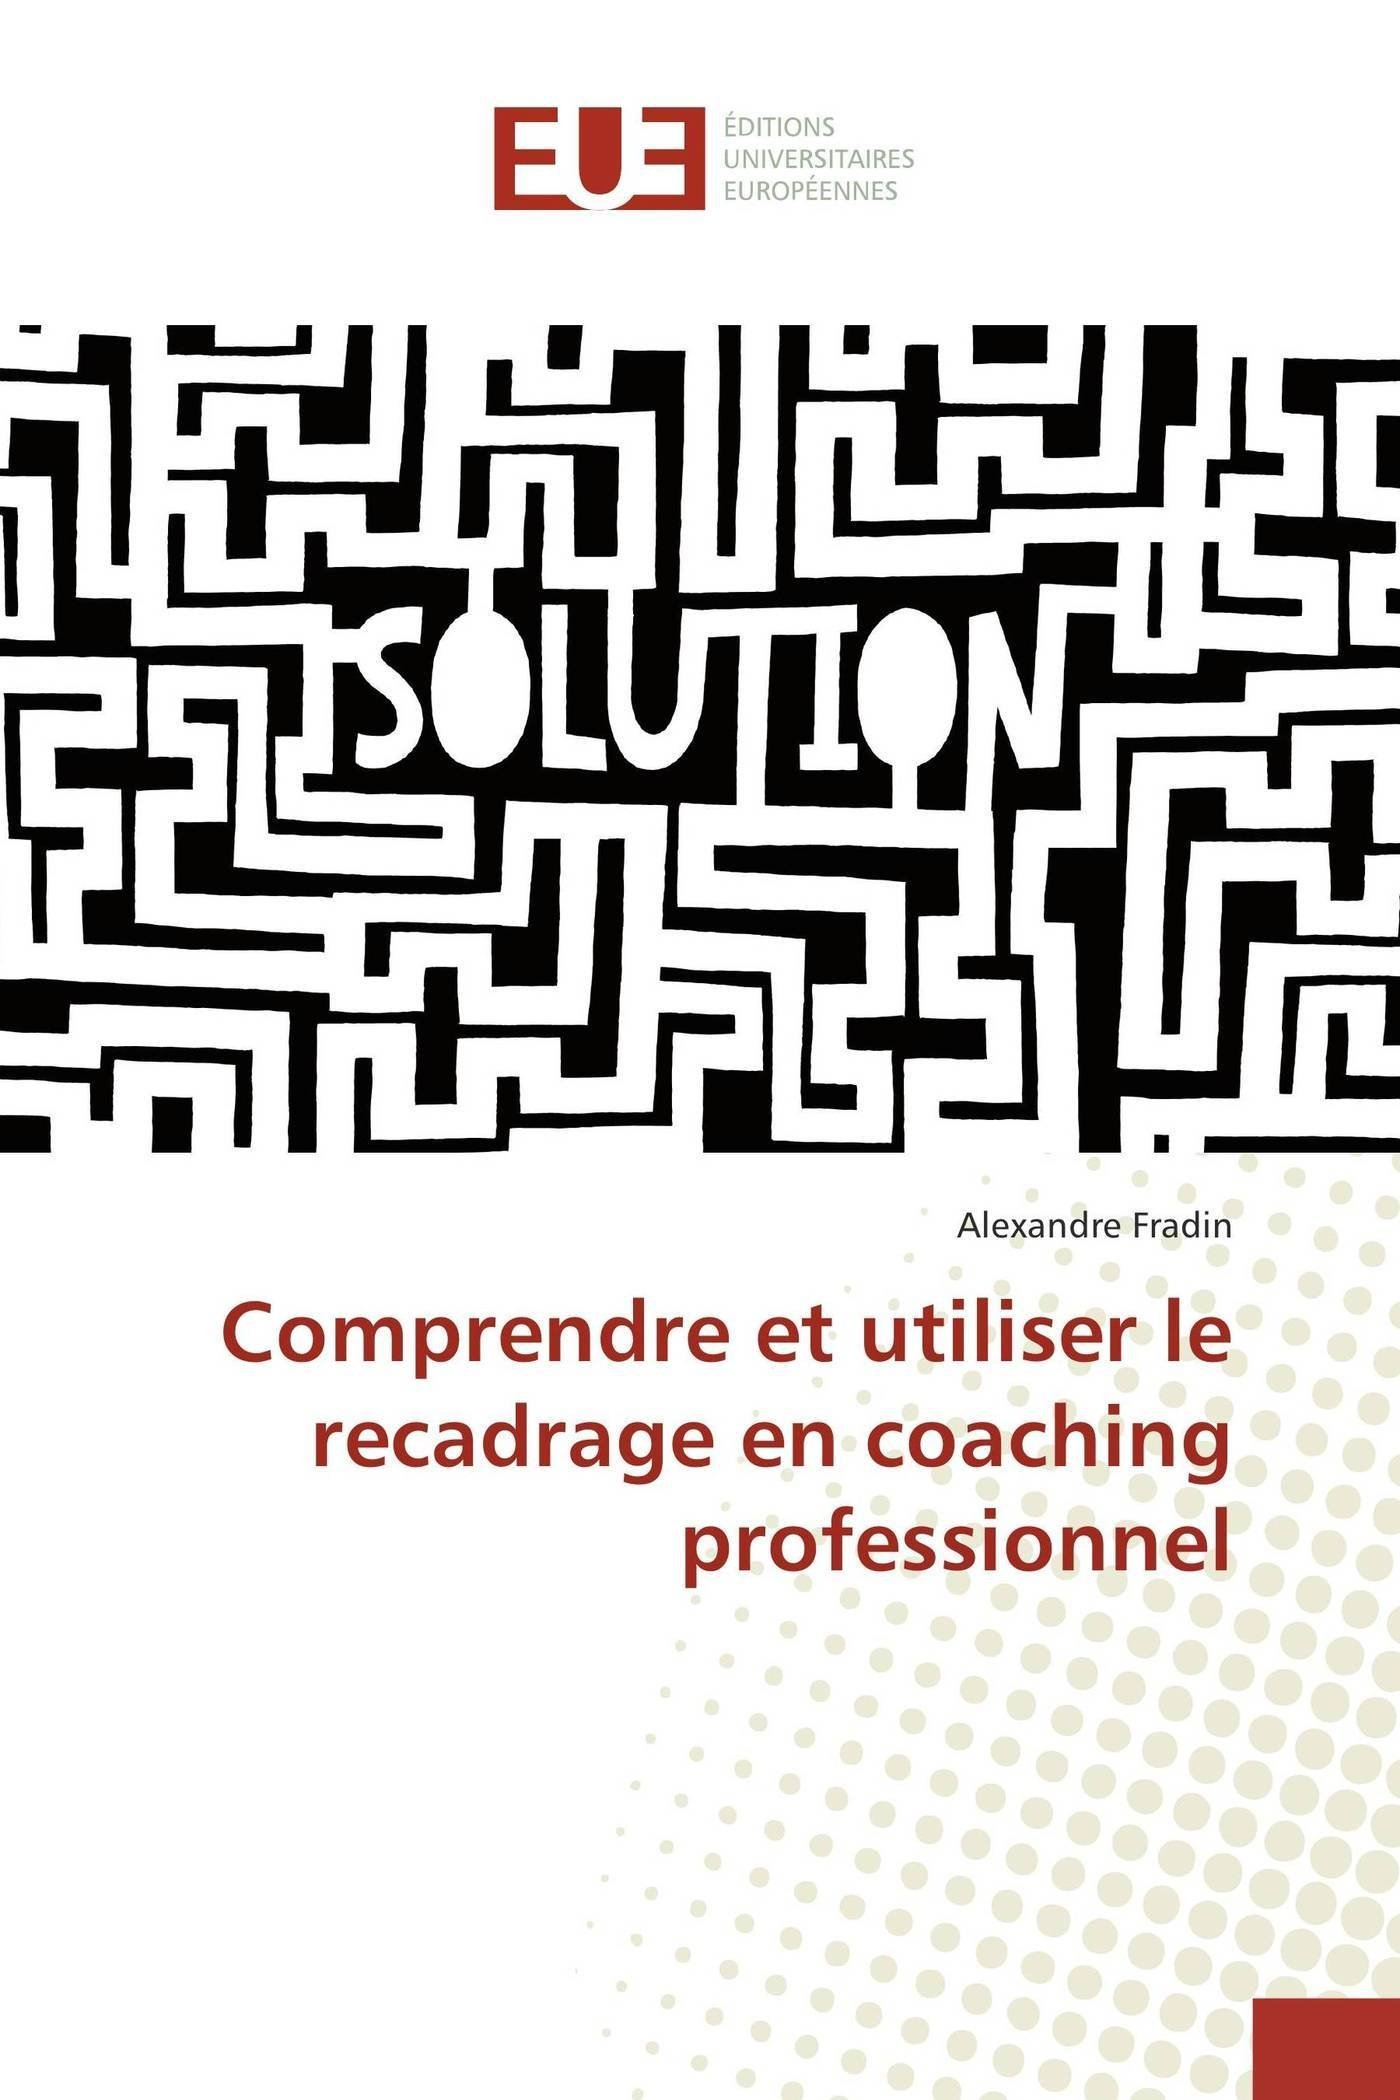 Download Comprendre et utiliser le recadrage en coaching professionnel (French Edition) ebook